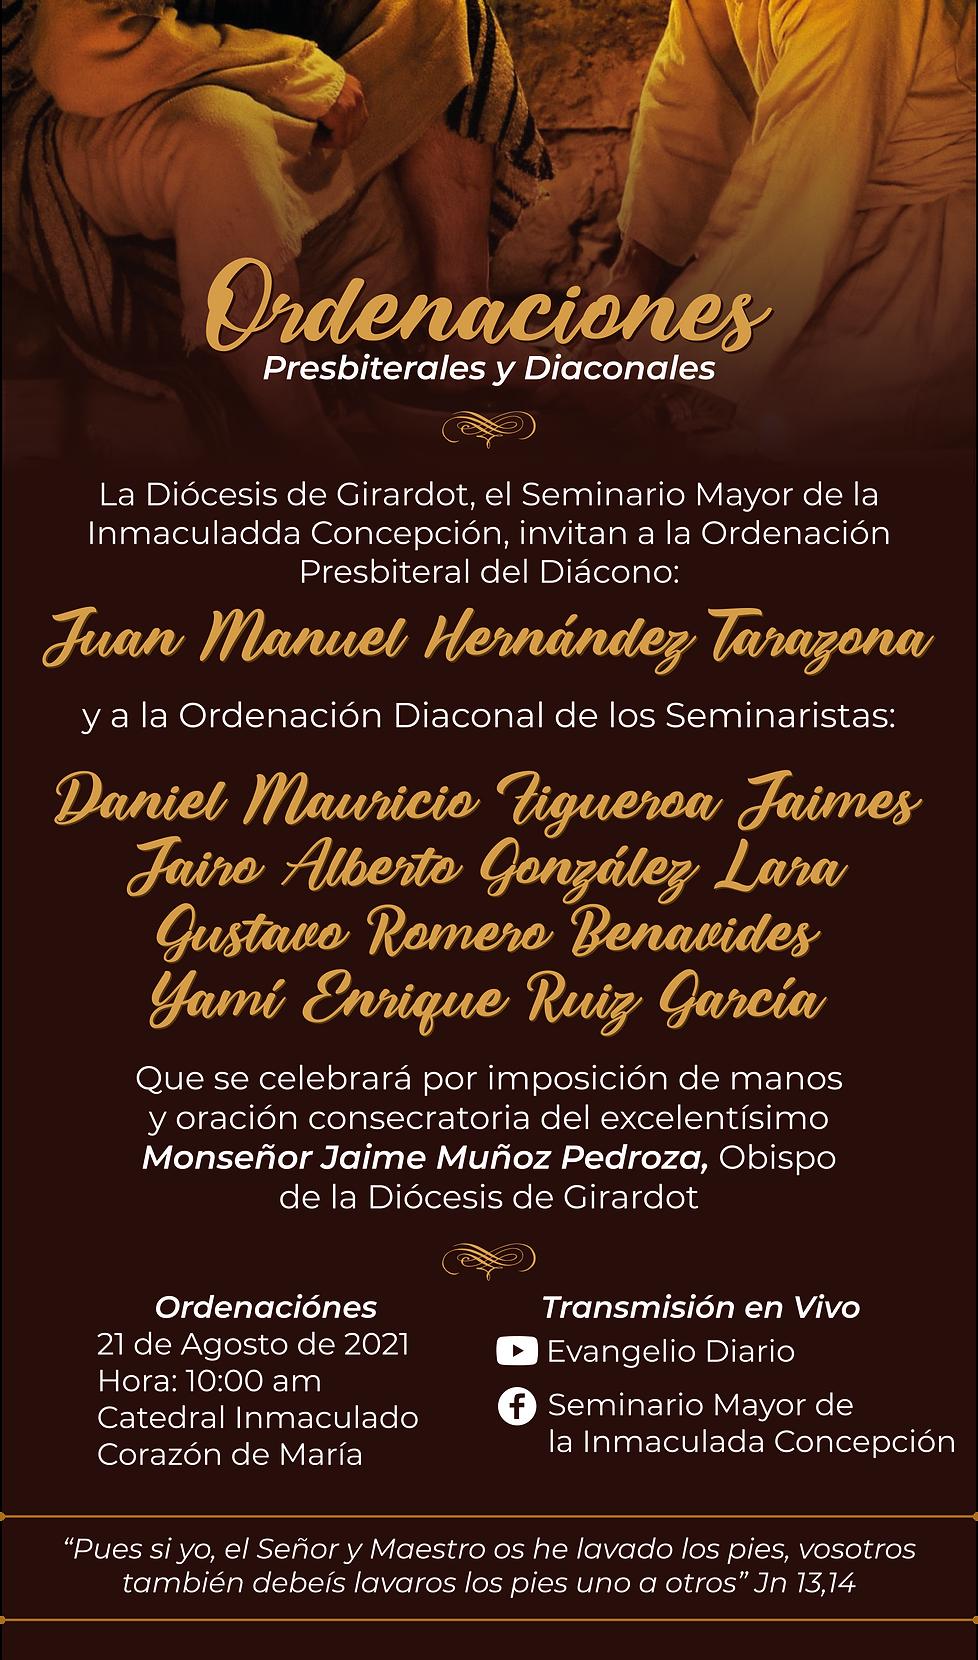 Invitaciones Ordenaciones.png